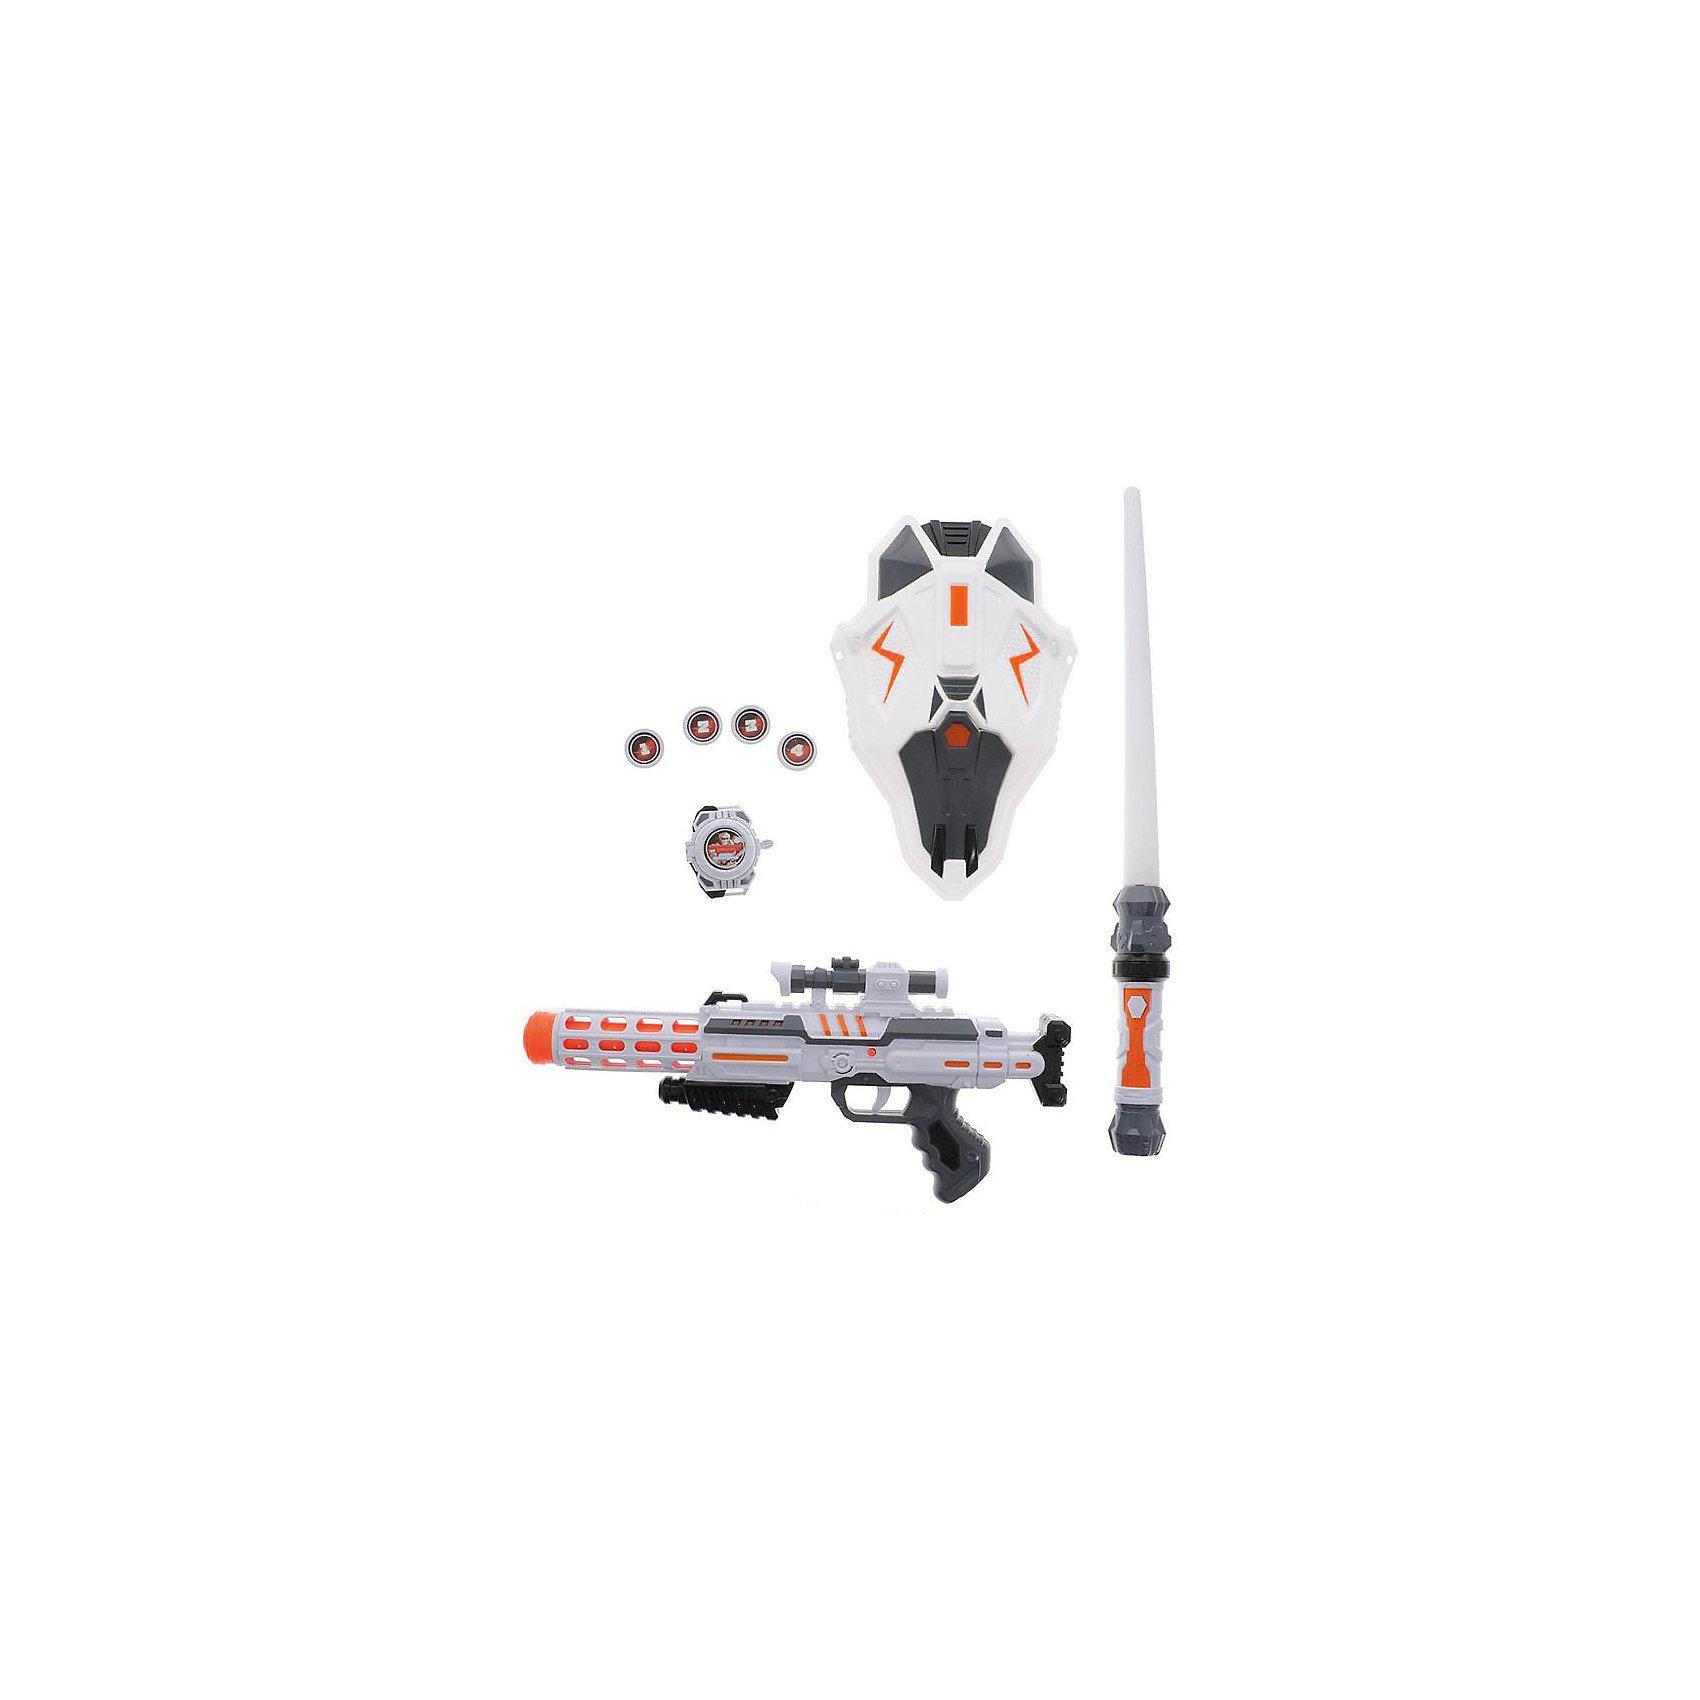 Набор пехотинца (1 бластер, 1 меч, 1 шлем, 1 часы, 4 фишки ), Космический десант, свет, звук, ABtoys